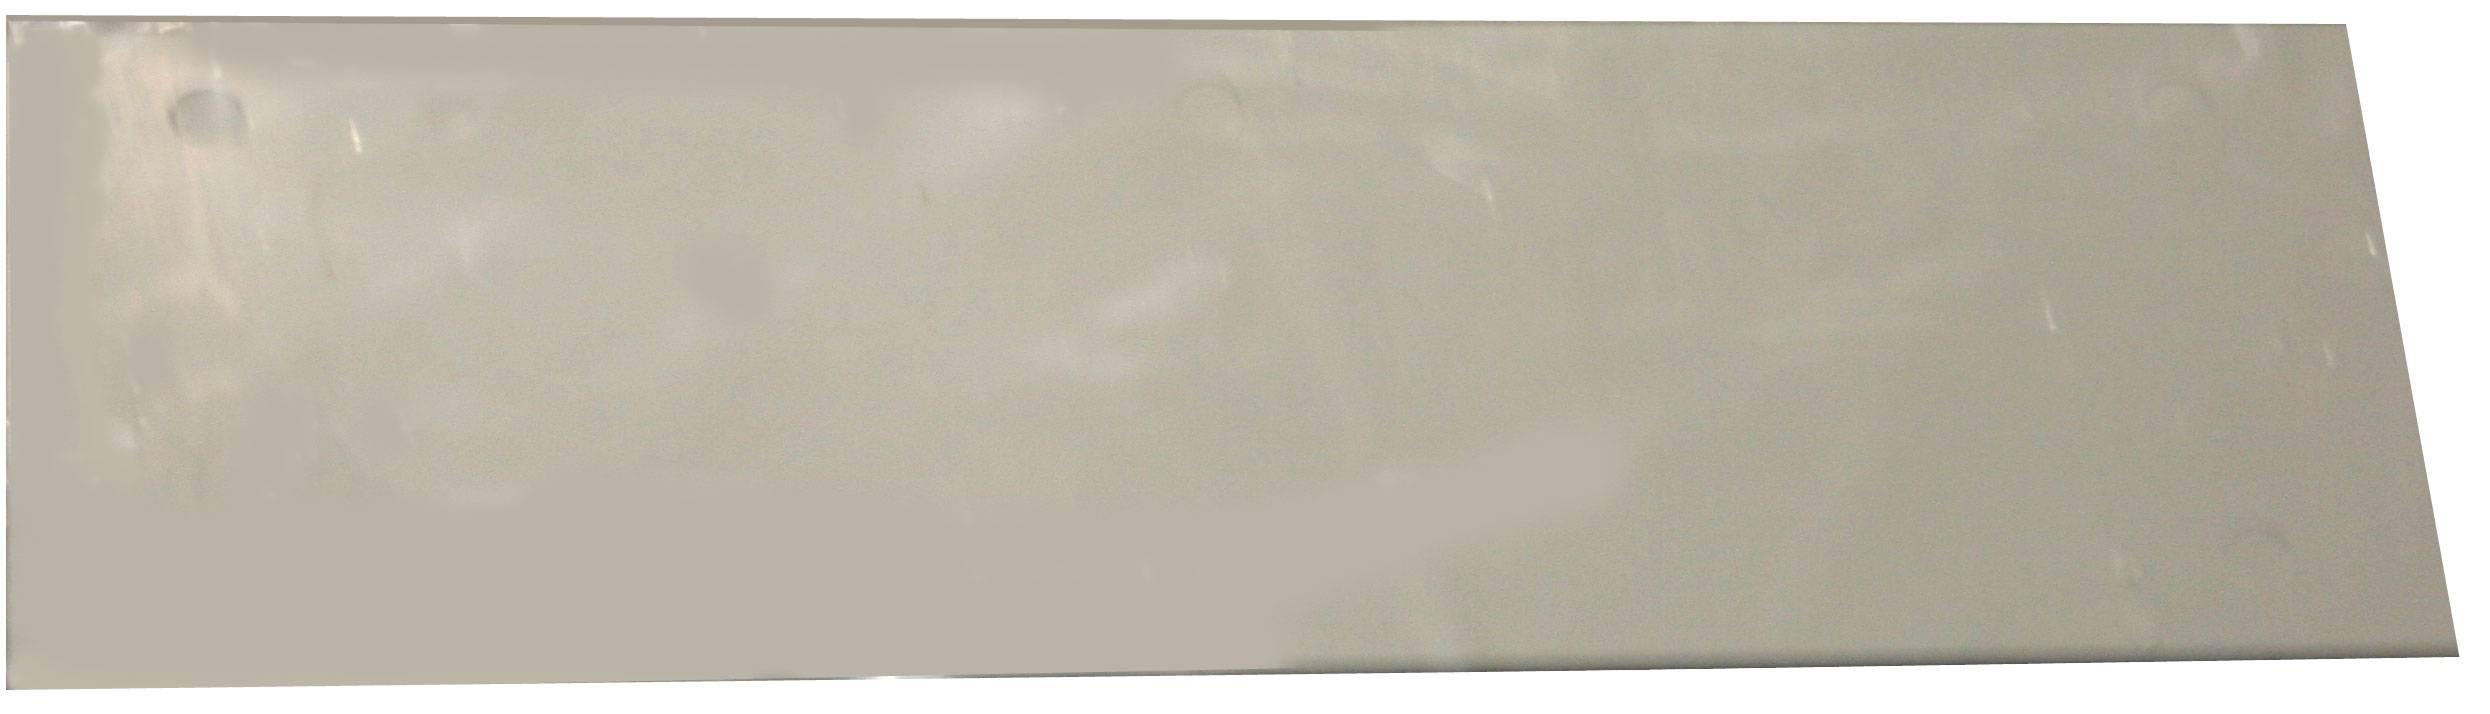 Čelný panel TRU COMPONENTS TC-O.LOCH GR203, 215 mm, umelá hmota, sivá, 1 ks